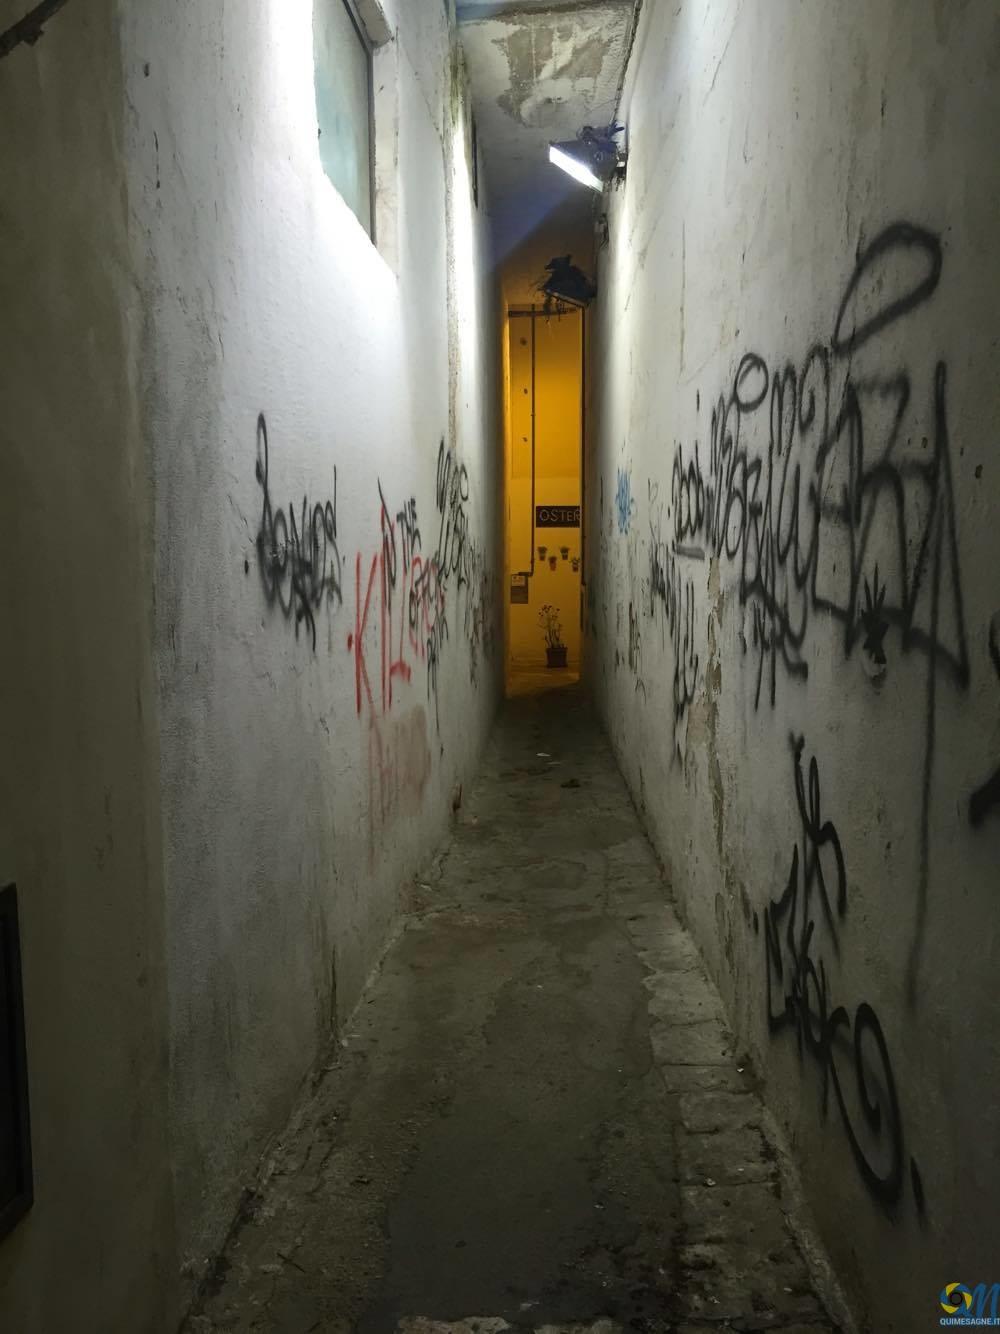 UFFICIO RECLAMI – Il 'corridoio' dell'inciviltà mesagnese